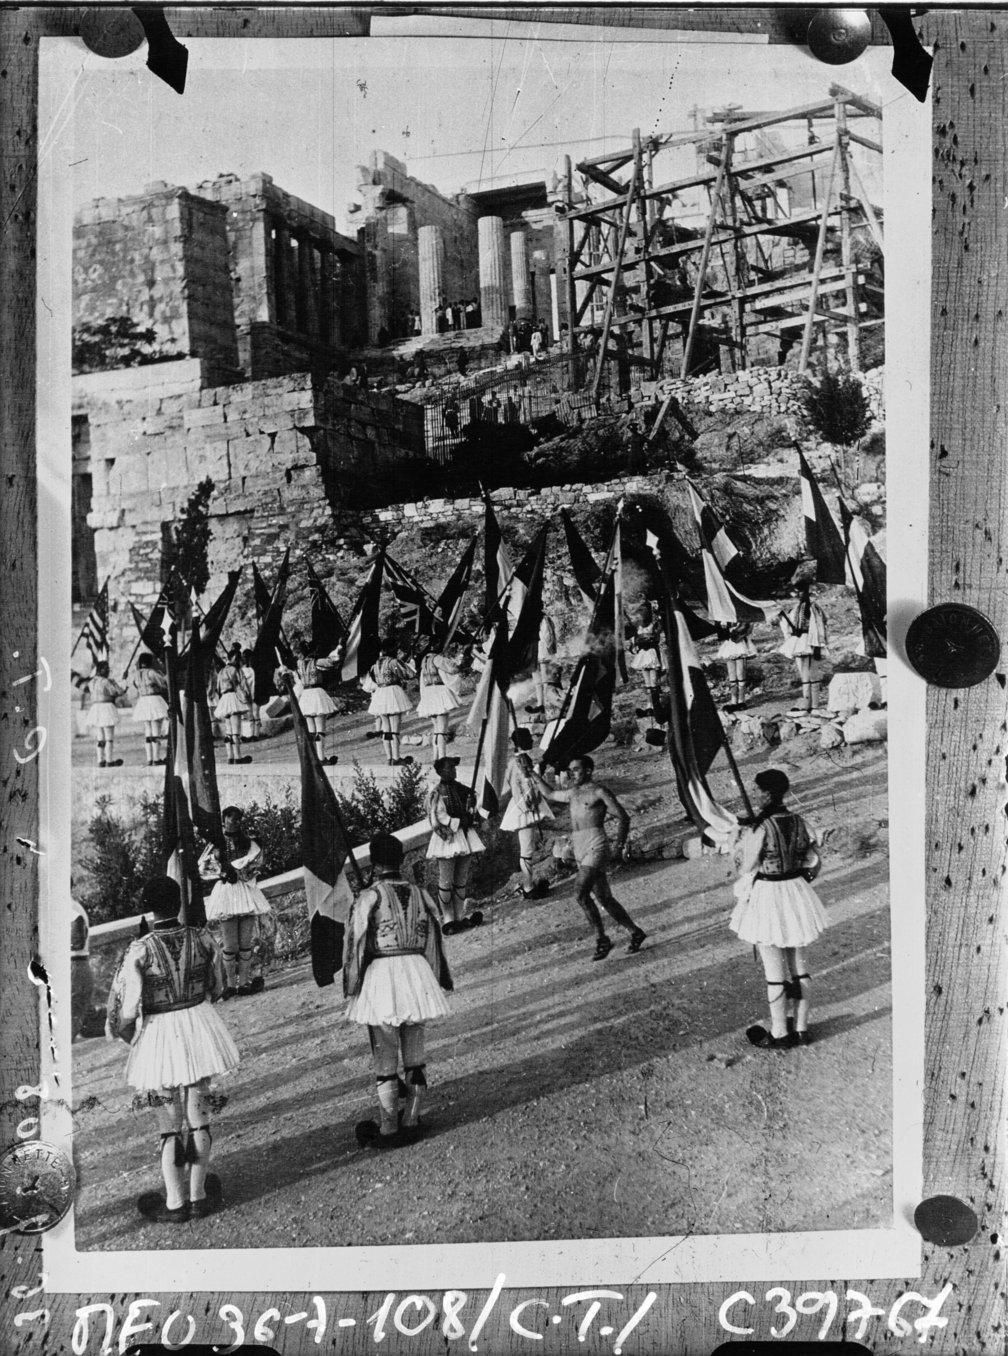 Départ du flambeau olympique d'Athènes, Ancien détenteur  1936, French National Library - Bibliothèque Nationale de France, Public Domain Mark